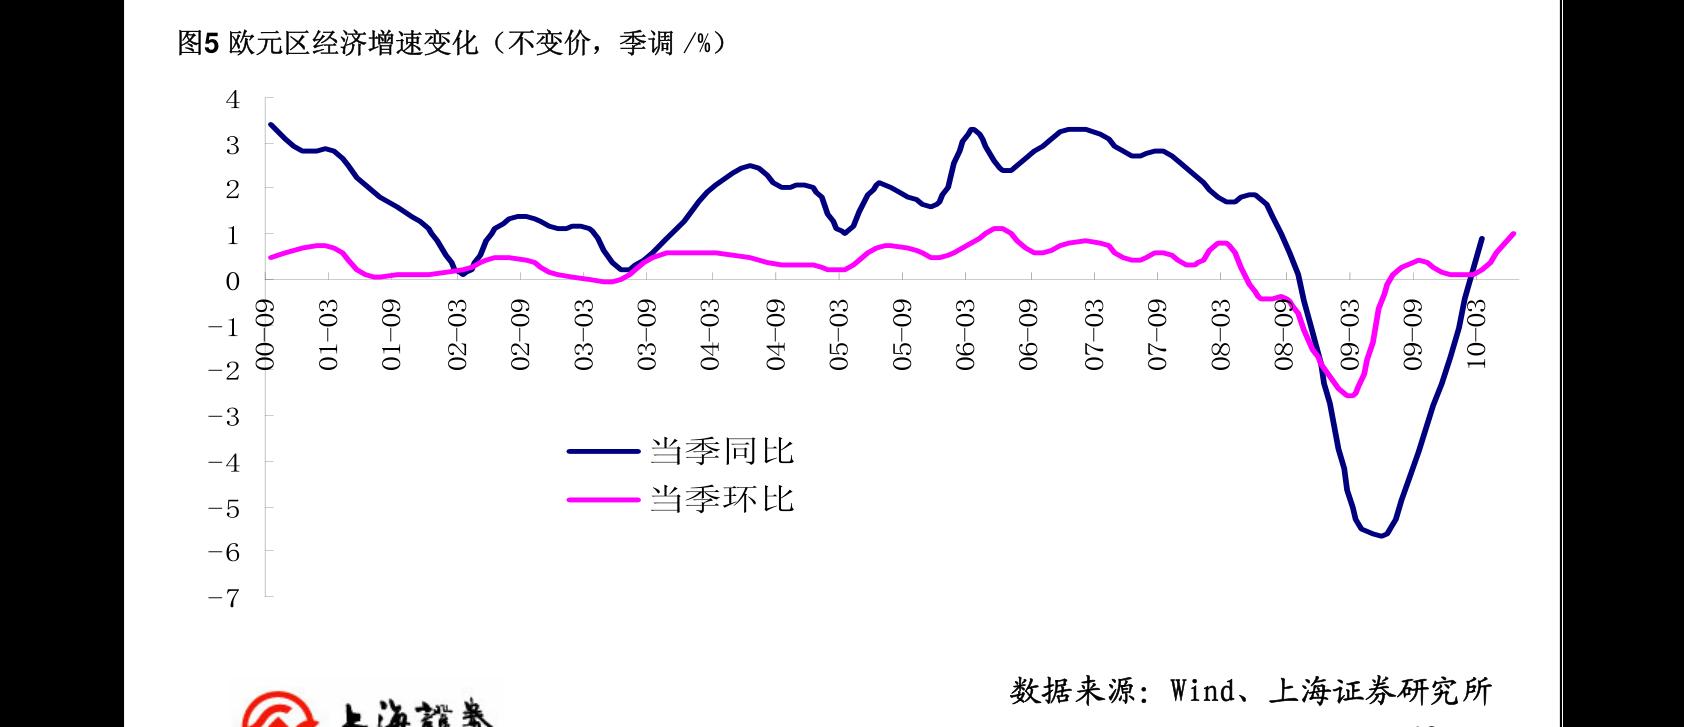 经济总量明年_2015中国年经济总量